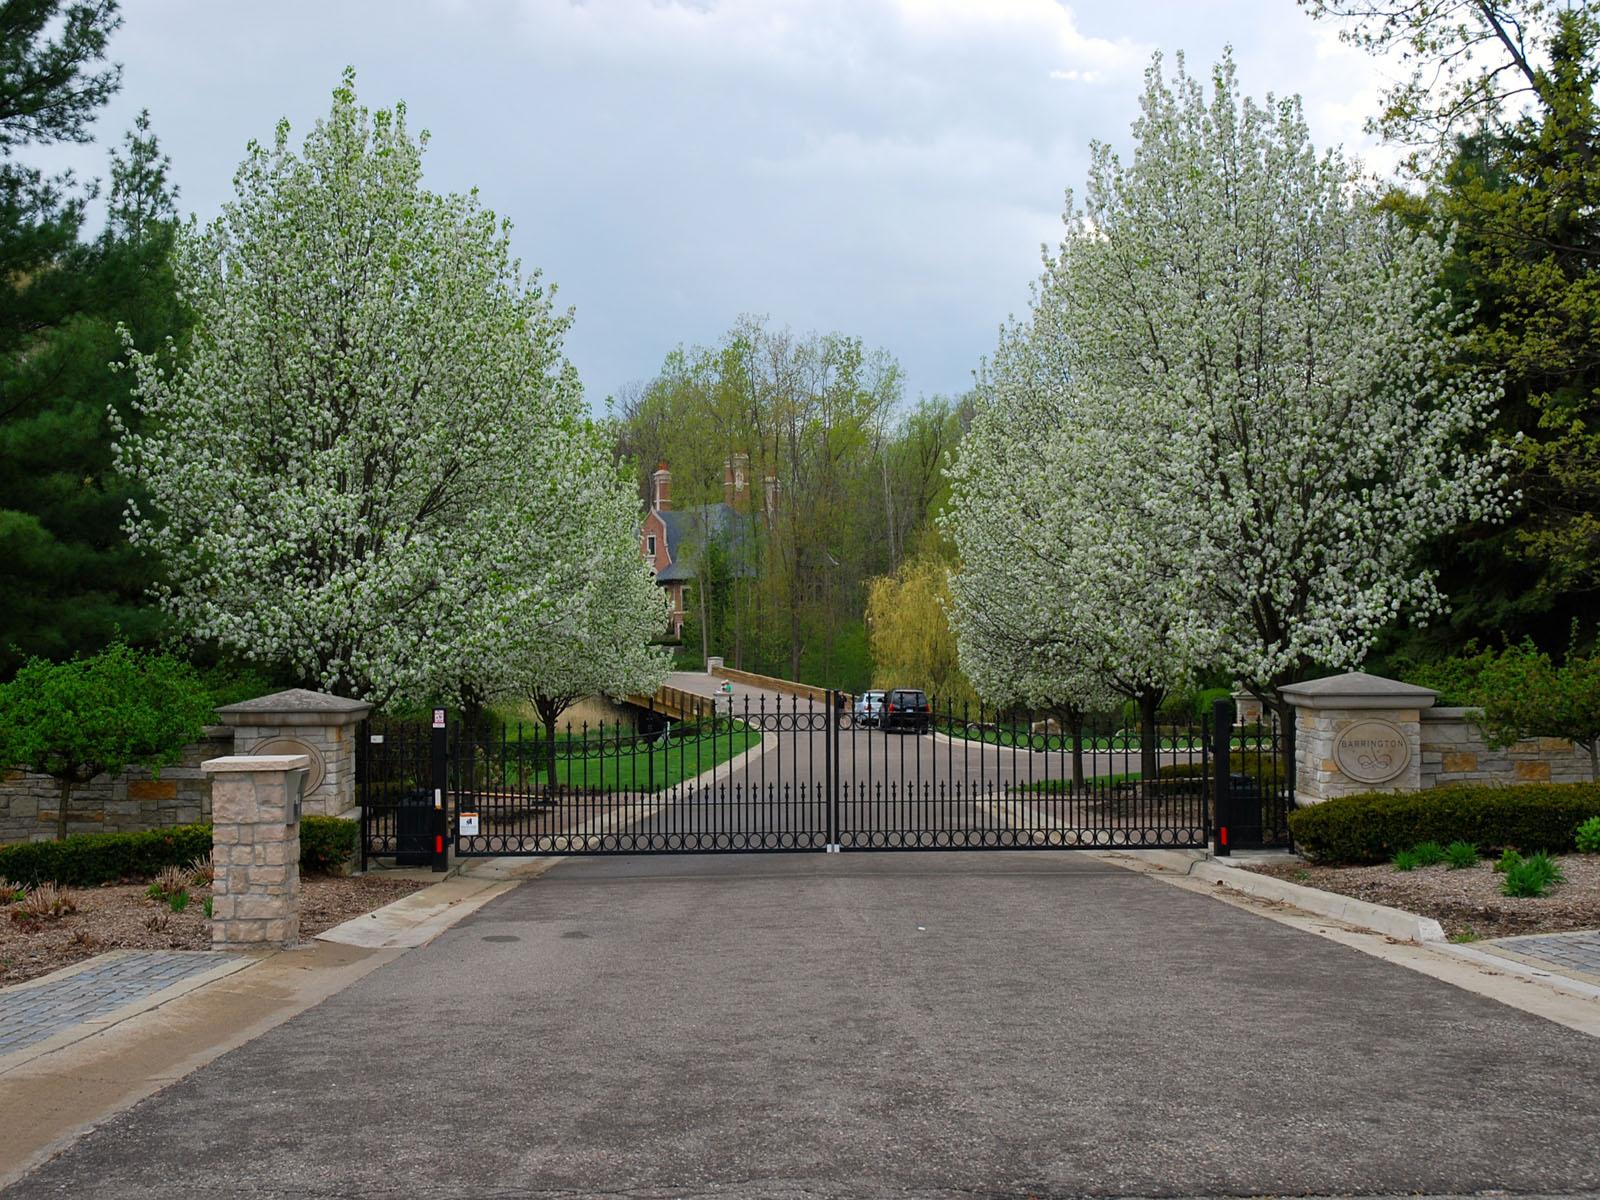 土地 为 销售 在 Bloomfield Hills 589 Barrington Park 布龙菲尔德山, 密歇根州, 48304 美国